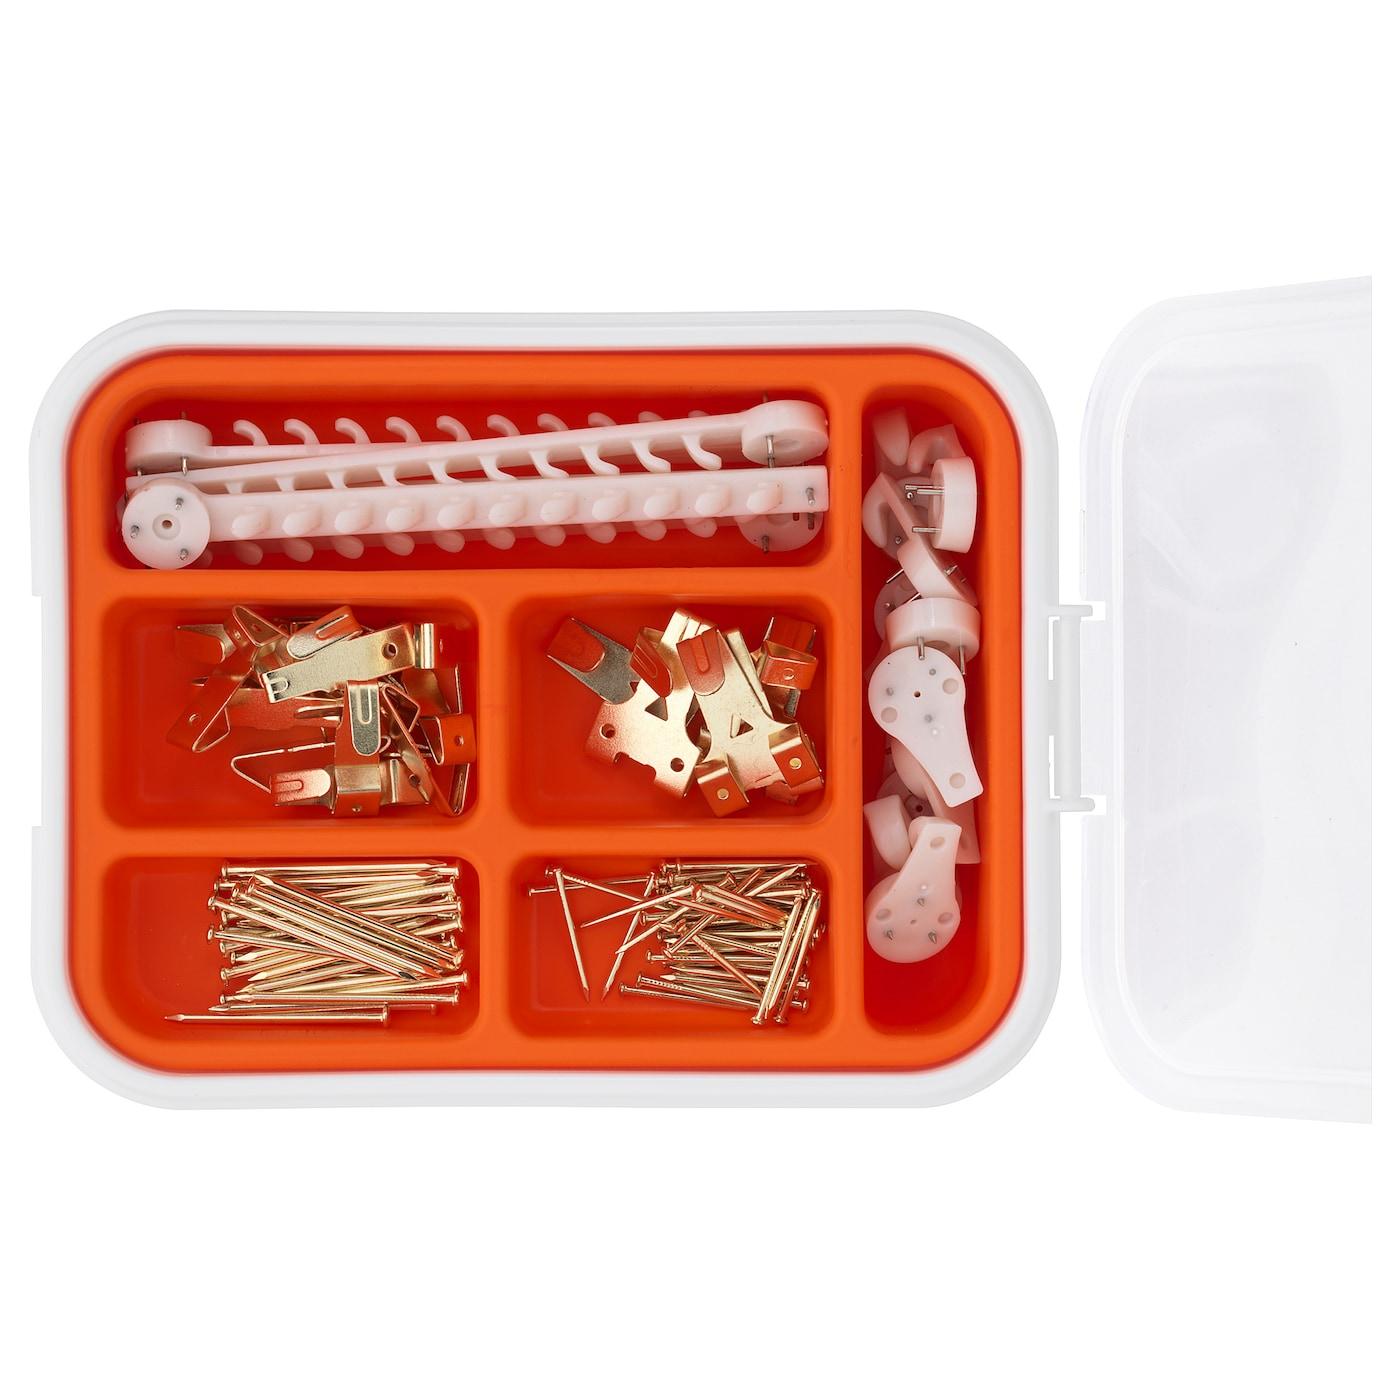 FIXA | Baumarkt > Werkzeug > Werkzeug-Sets | Abs | IKEA